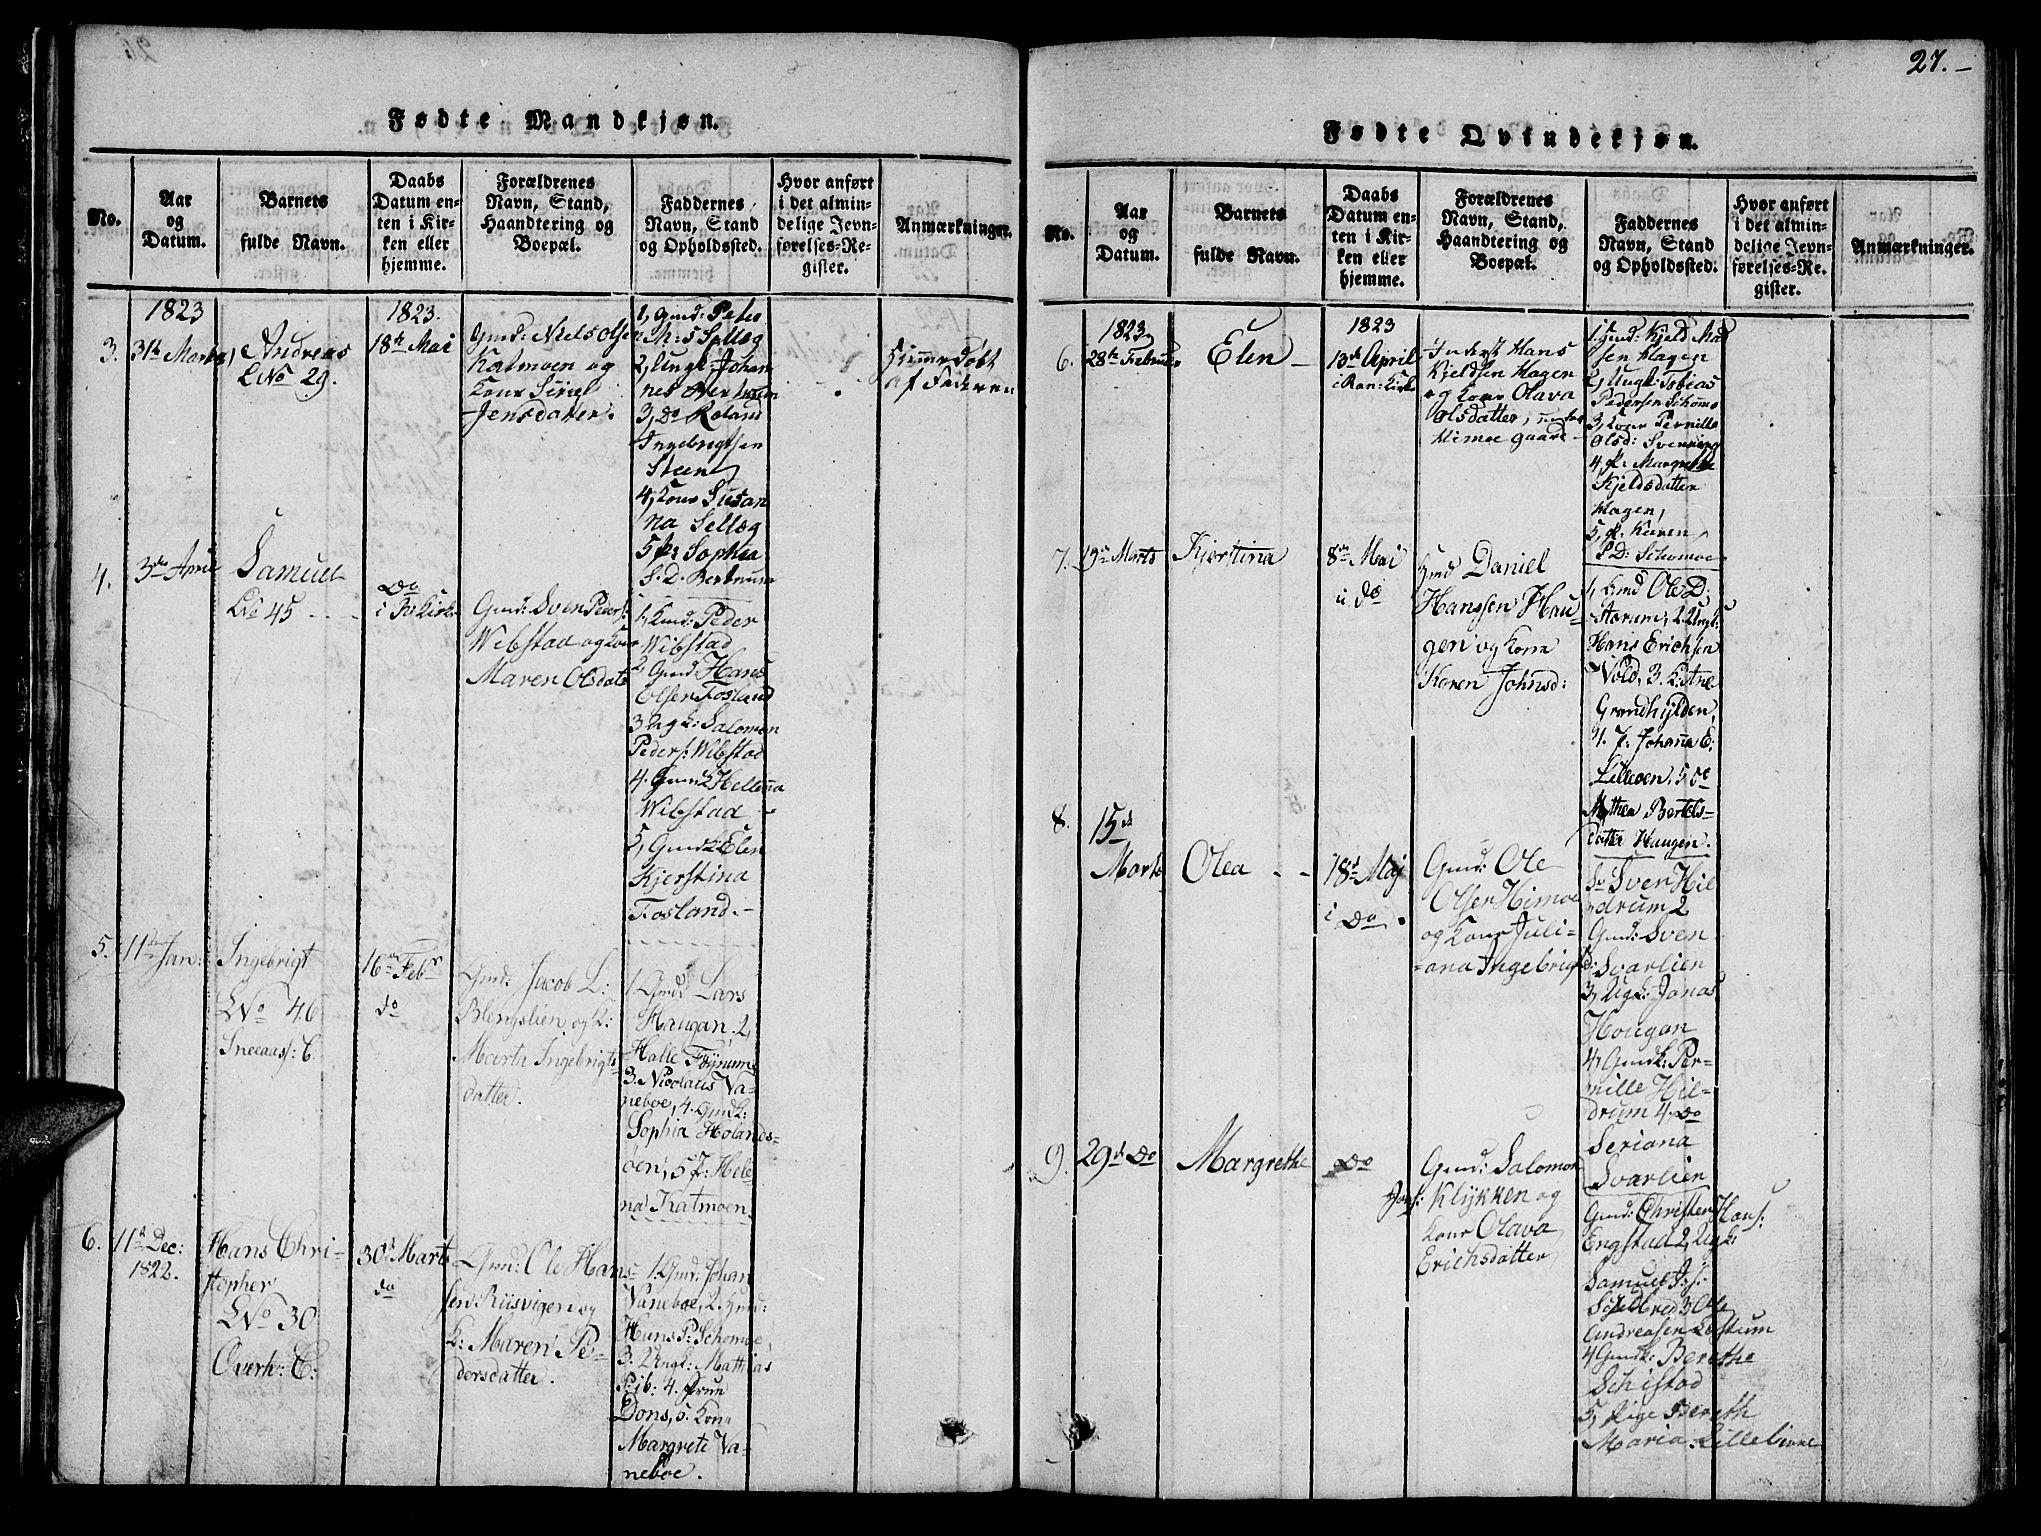 SAT, Ministerialprotokoller, klokkerbøker og fødselsregistre - Nord-Trøndelag, 764/L0559: Klokkerbok nr. 764C01, 1816-1824, s. 27